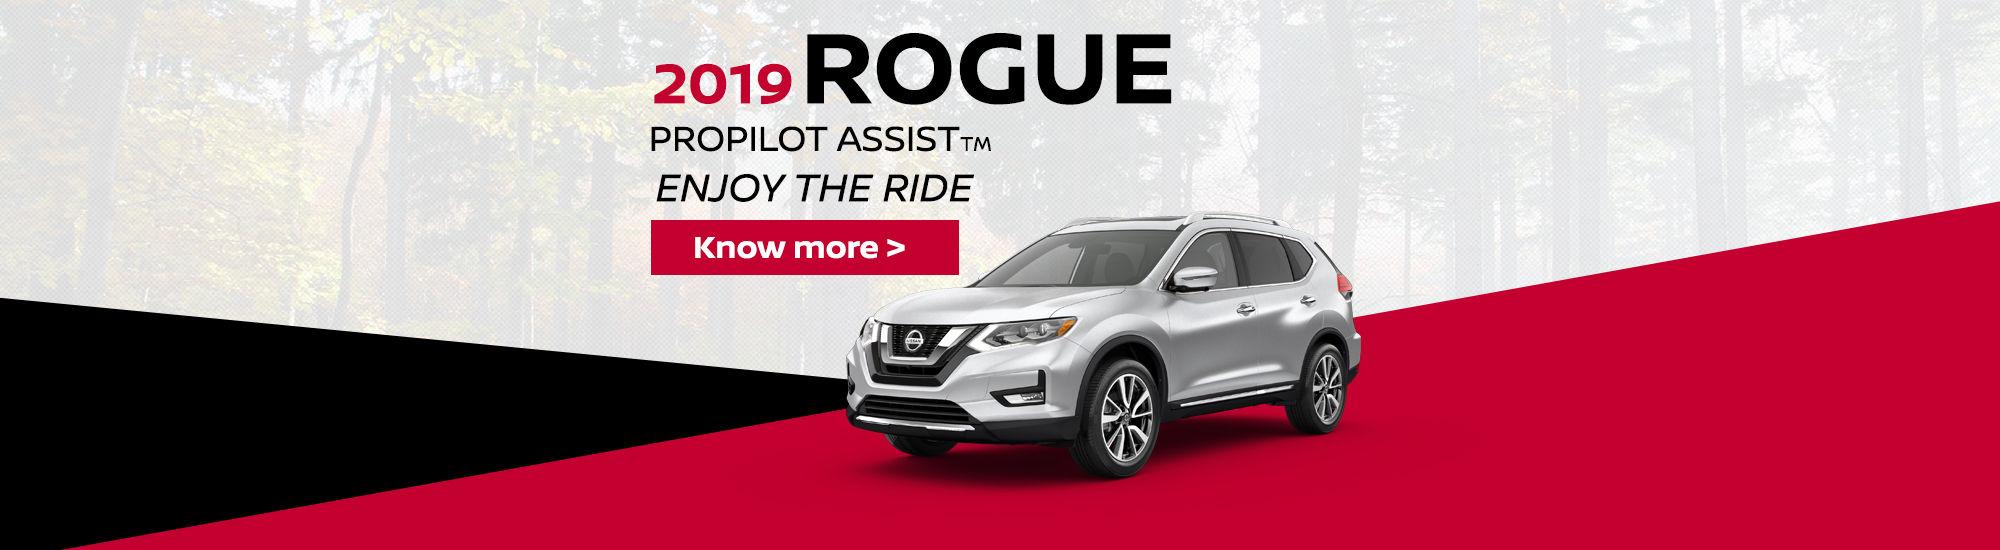 2019 Rogue